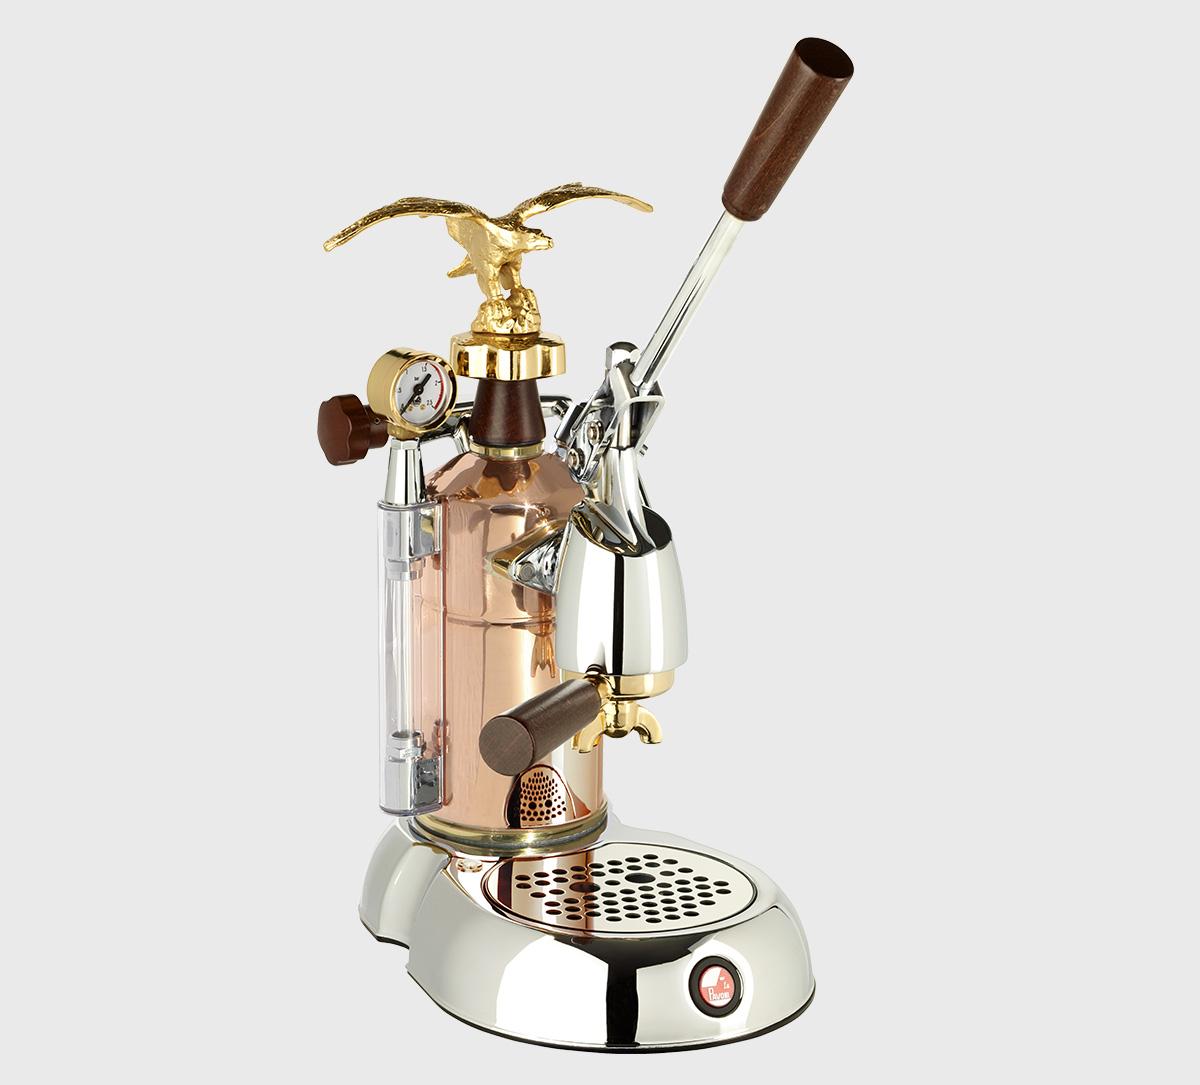 European Gift Amp Houseware Introduces The La Pavoni La